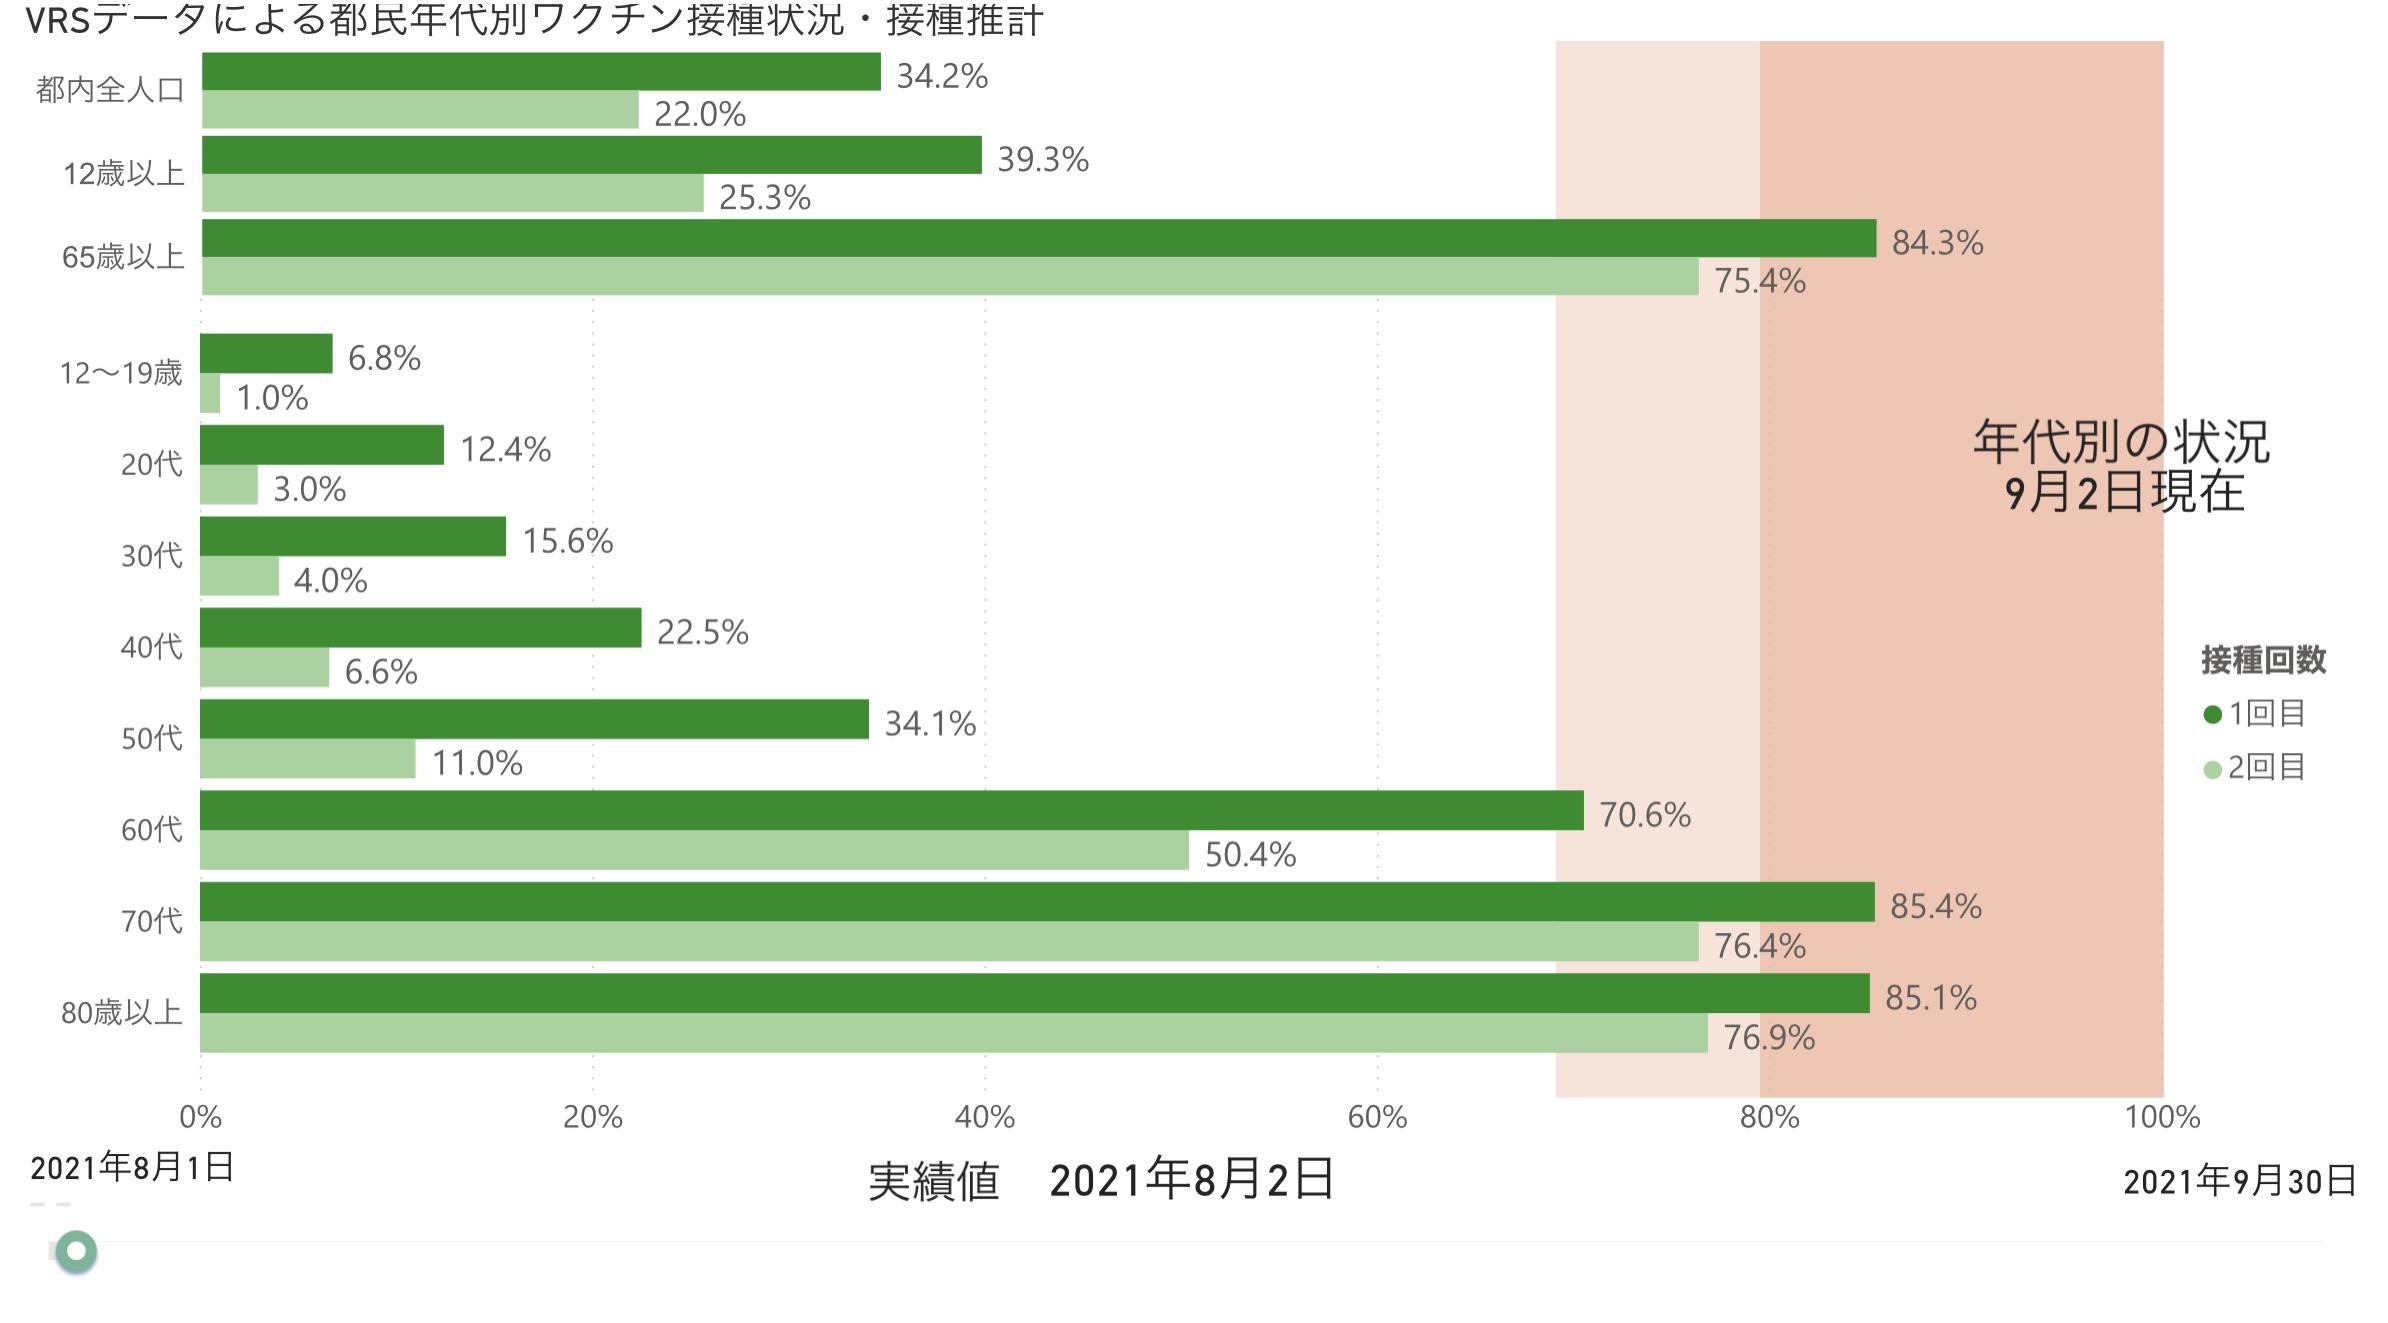 【速報】東京都で新たに968人のコロナ感染者、重症者267人、死亡者16人 7月19日以来初めて1000人下回る (9/6)